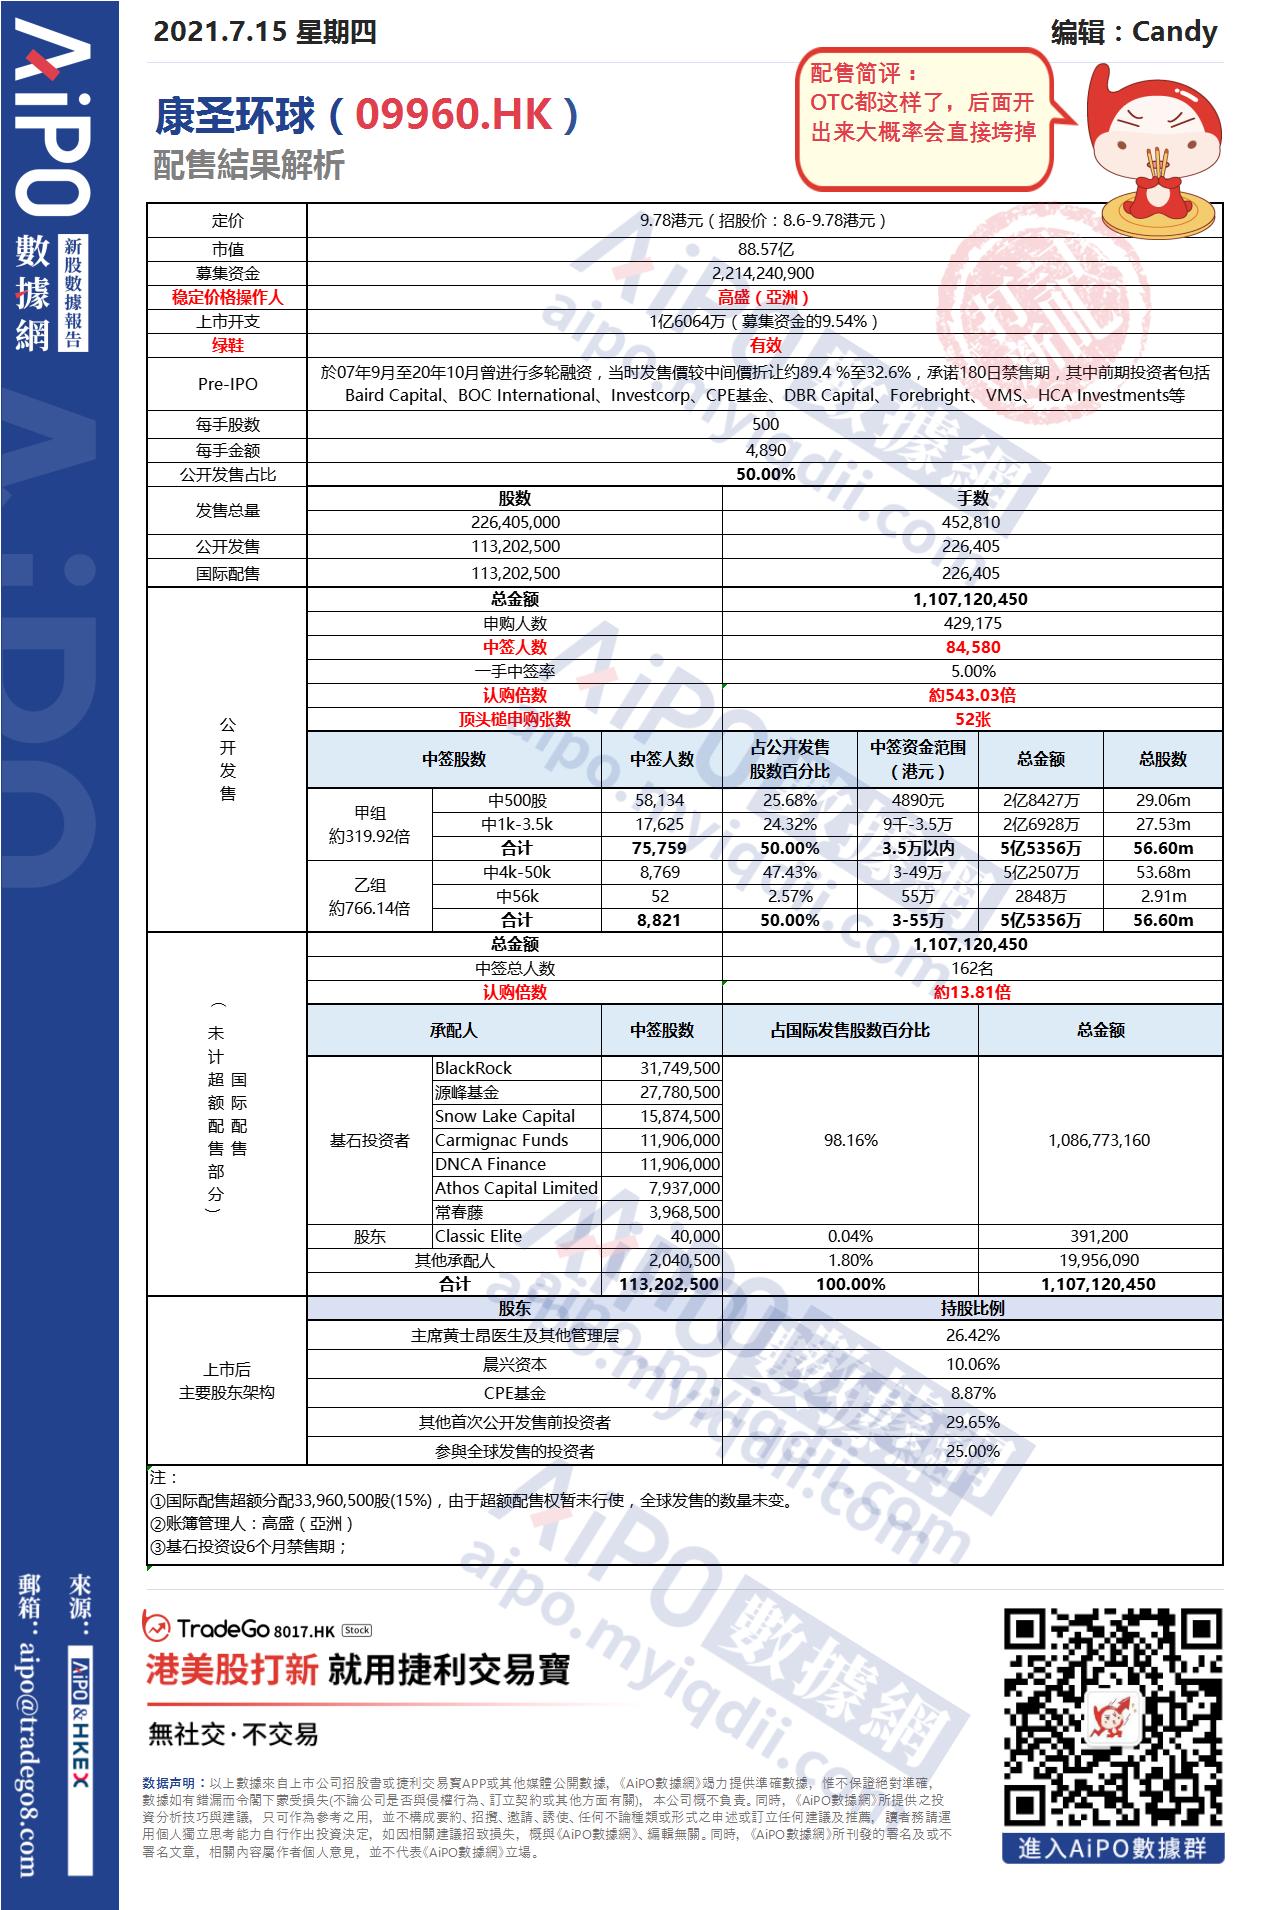 【新股AiPO】配售結果解析:康圣環球(09960.HK).png